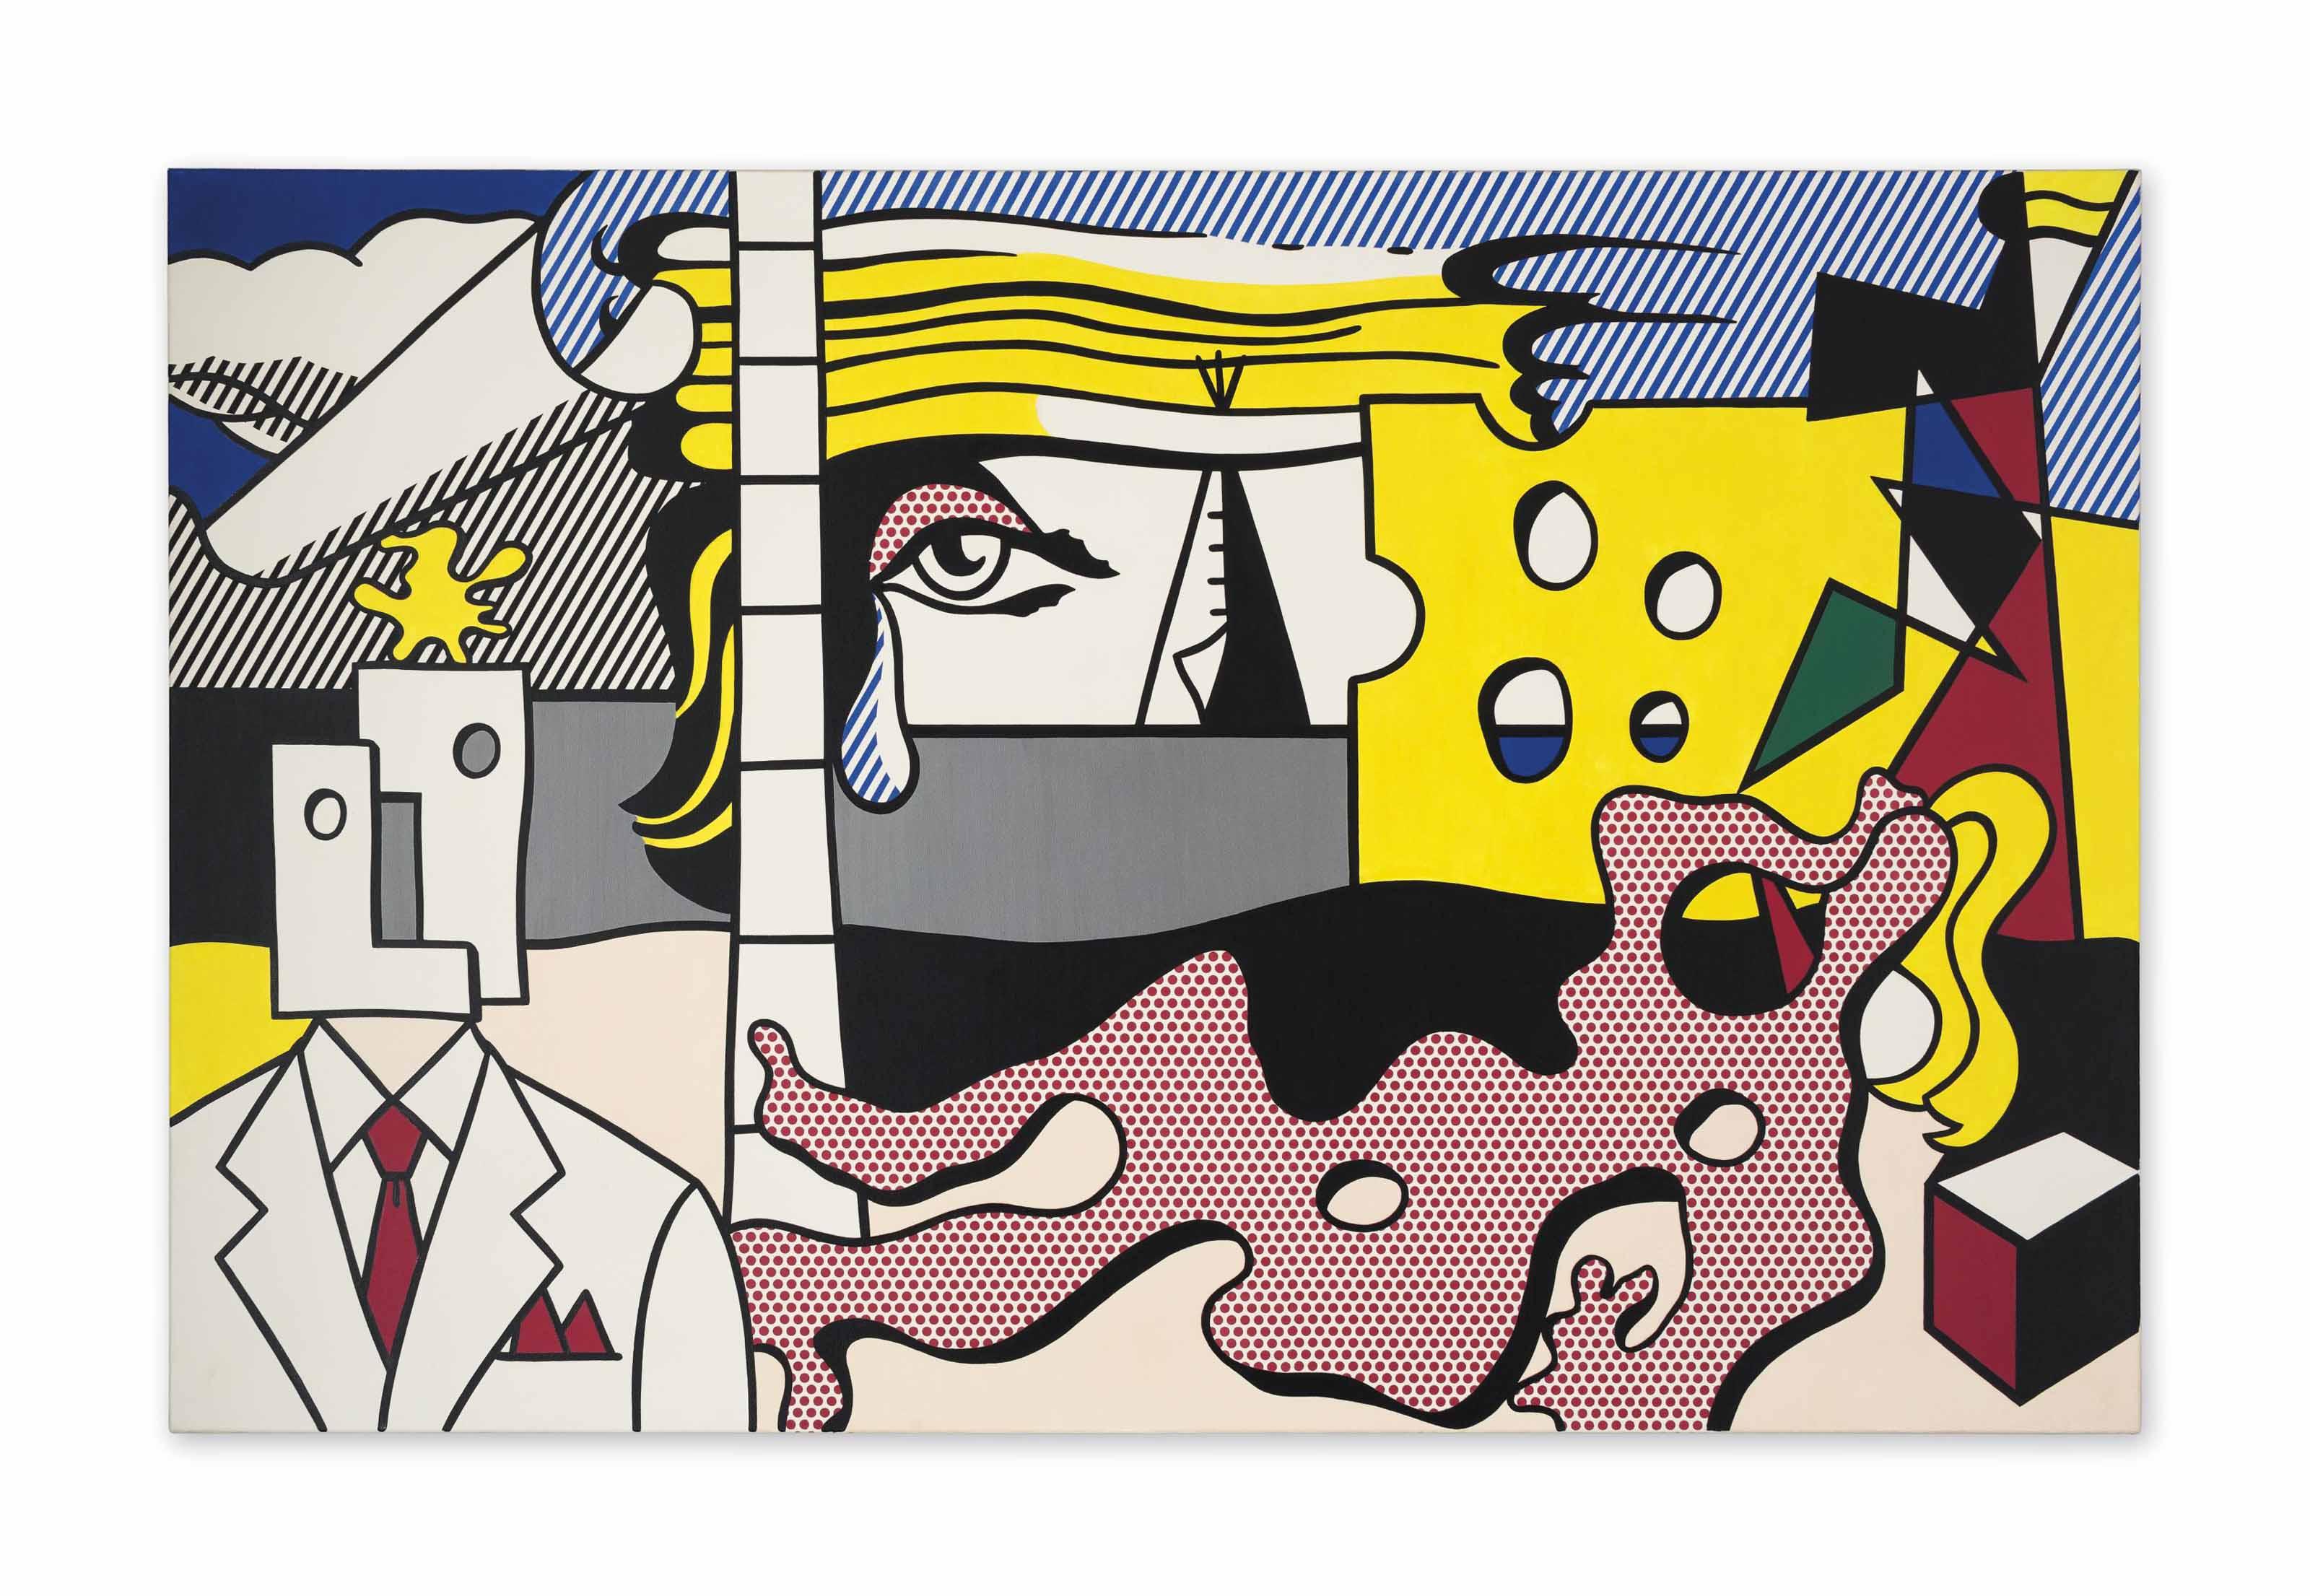 Audio: Roy Lichtenstein, Landscape with Figures